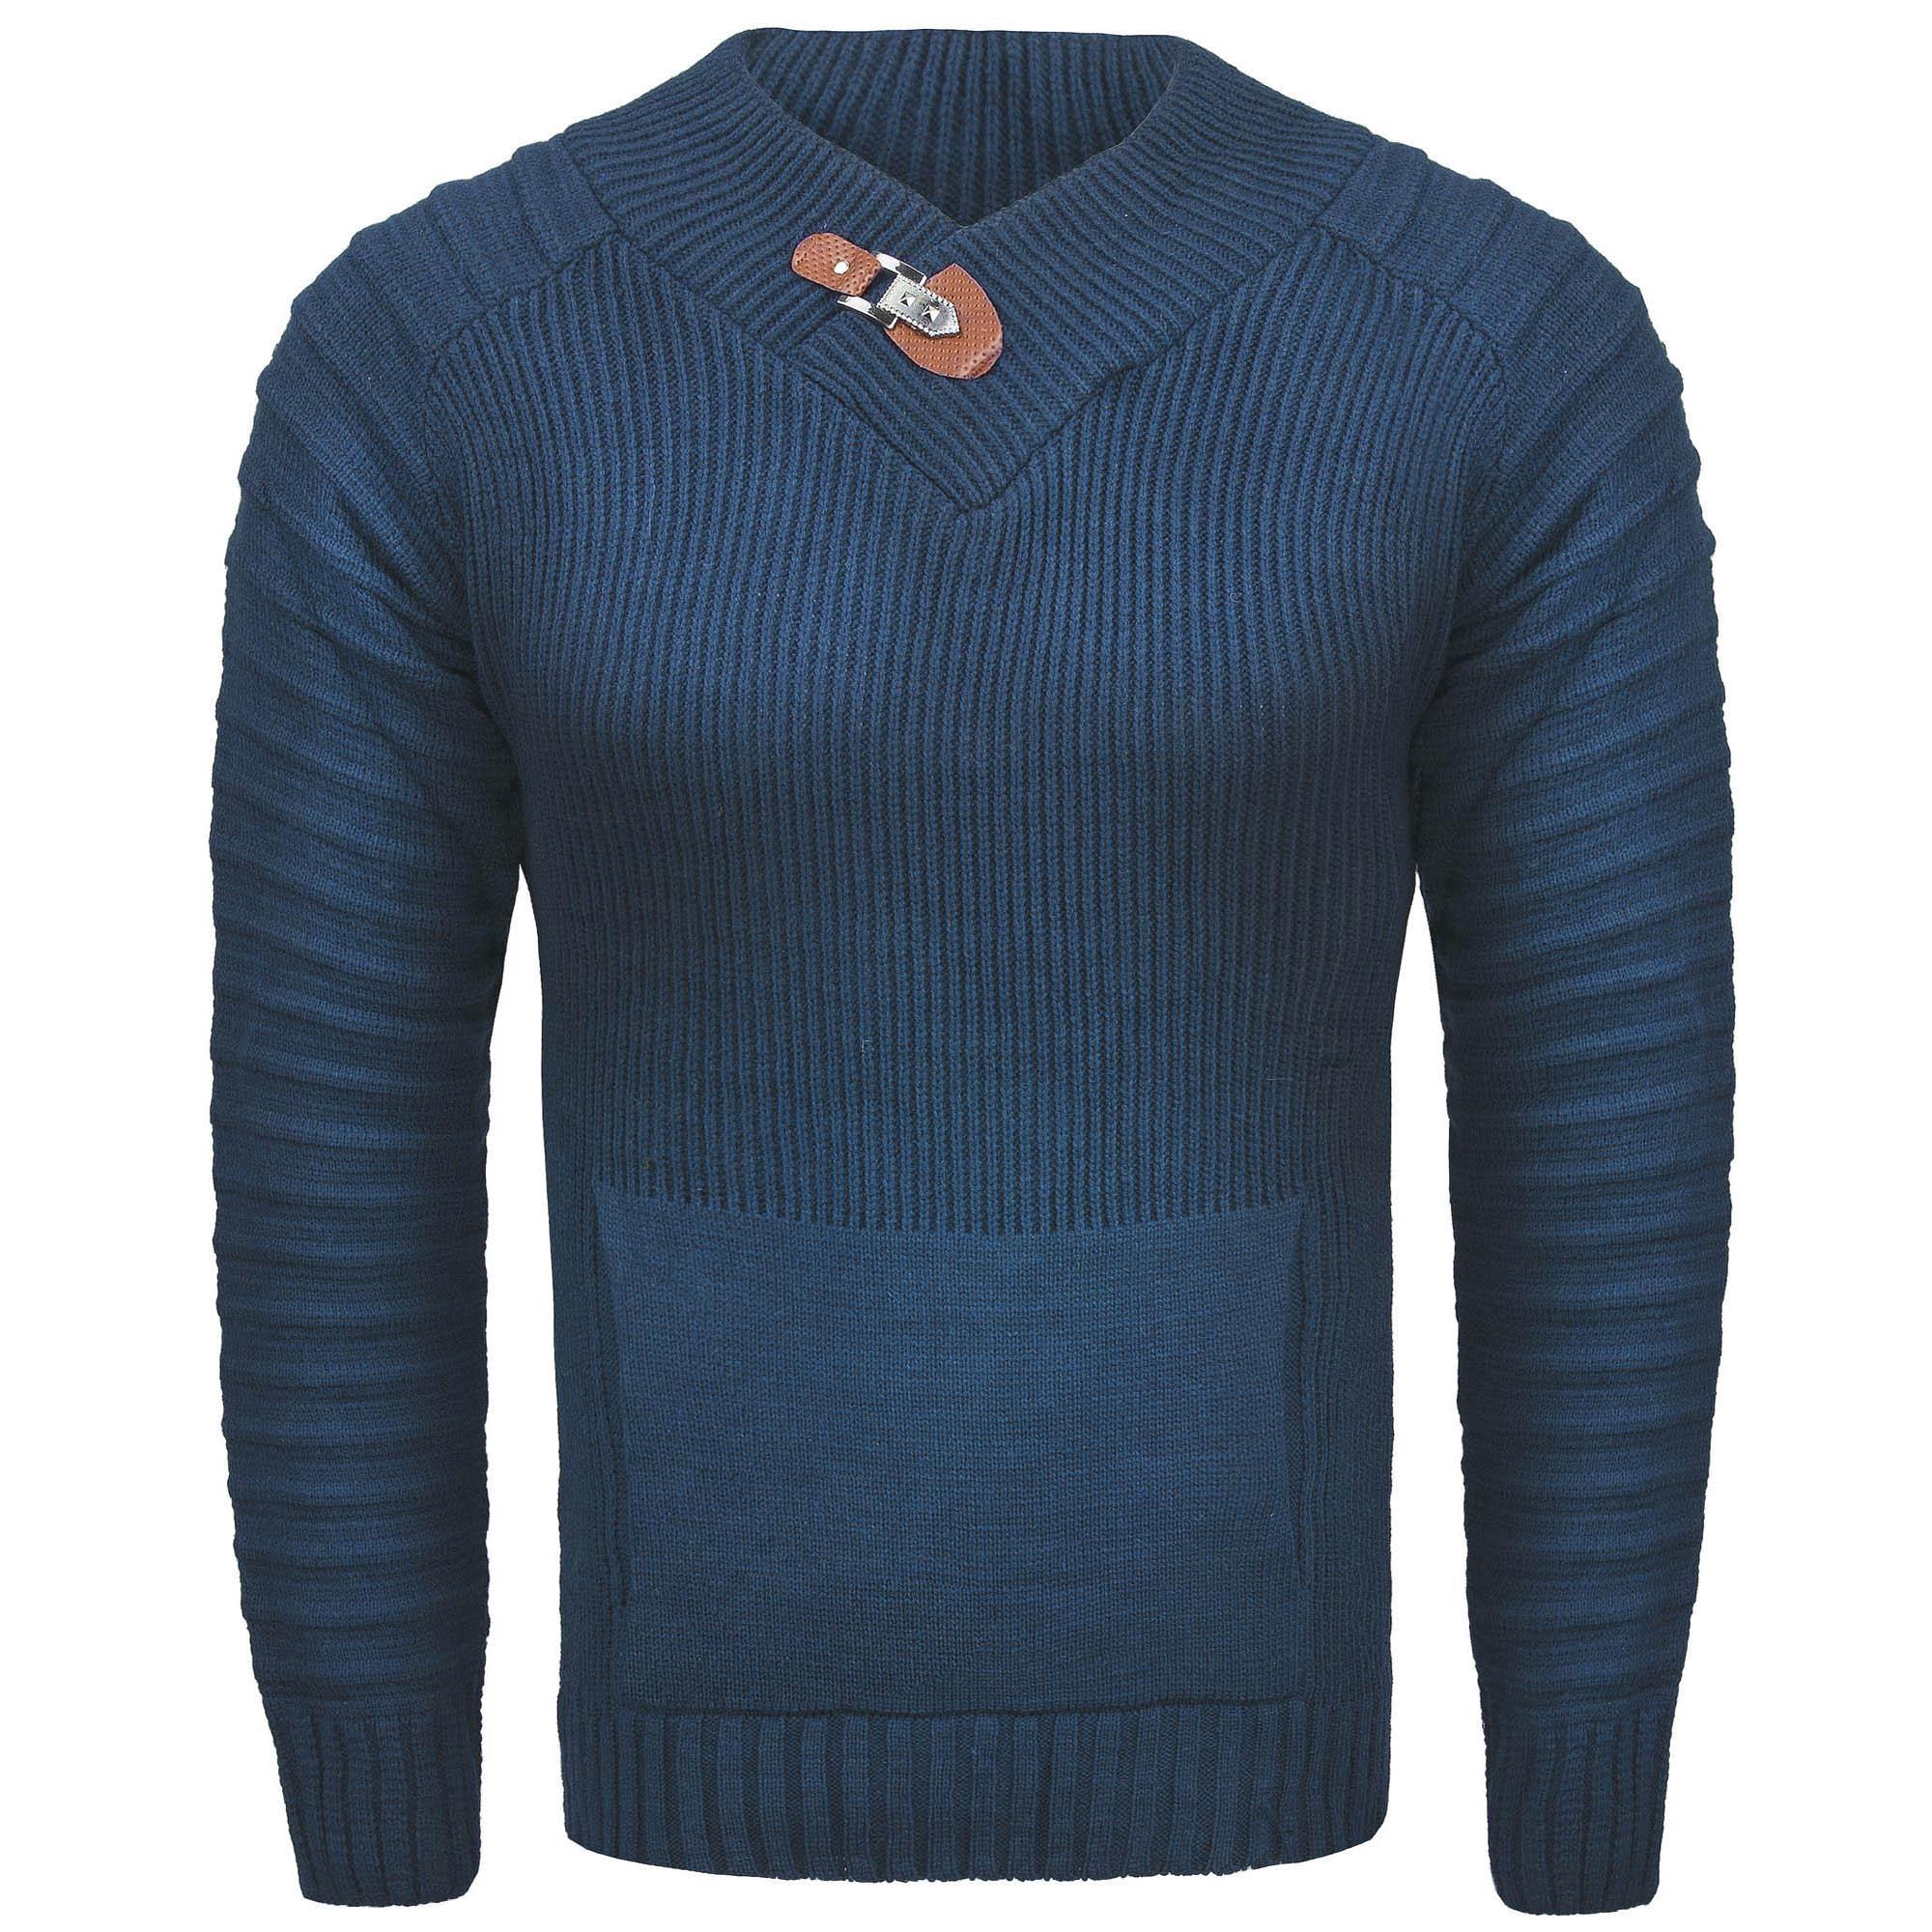 37e721e16549 Bluzy i swetry - Sweter męski z stójką zielony Recea - Recea.pl ...